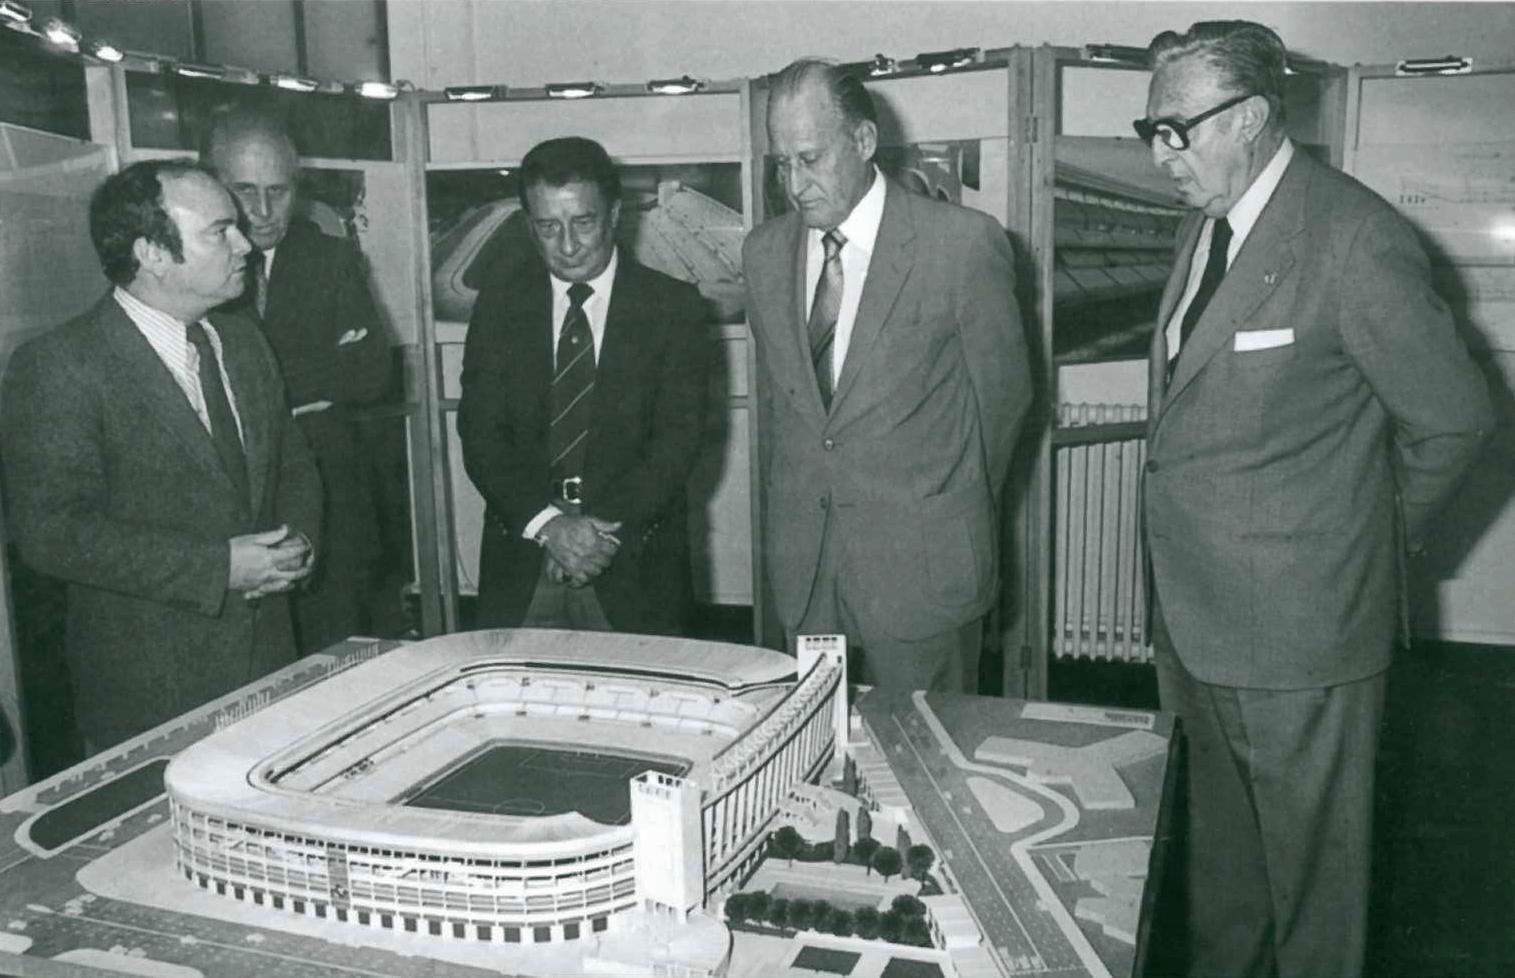 Luis Alemany Indarte presentando el proyecto de reforma para el Mundial del 82 al presidente, Luis de Carlos Ortiz